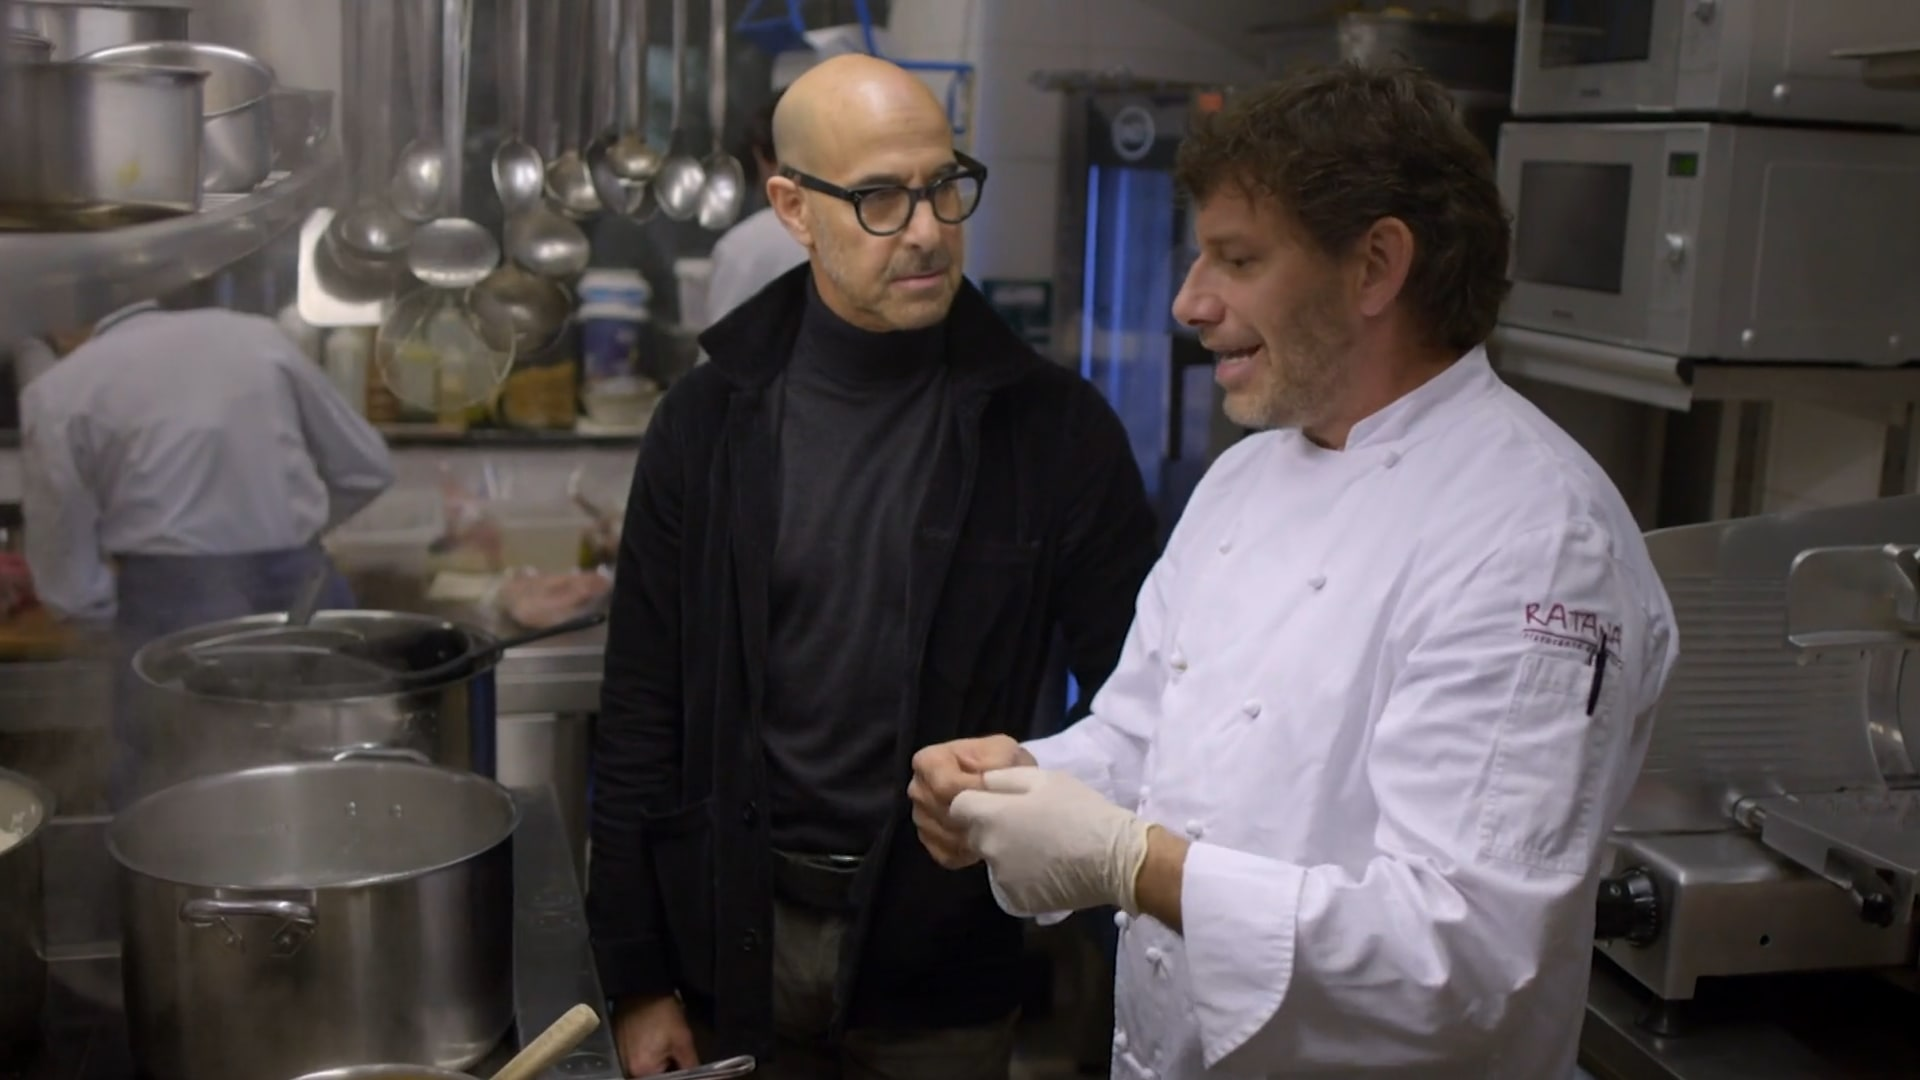 قصة مثيرة للدهشة كانت وراء هذا الطبق الإيطالي